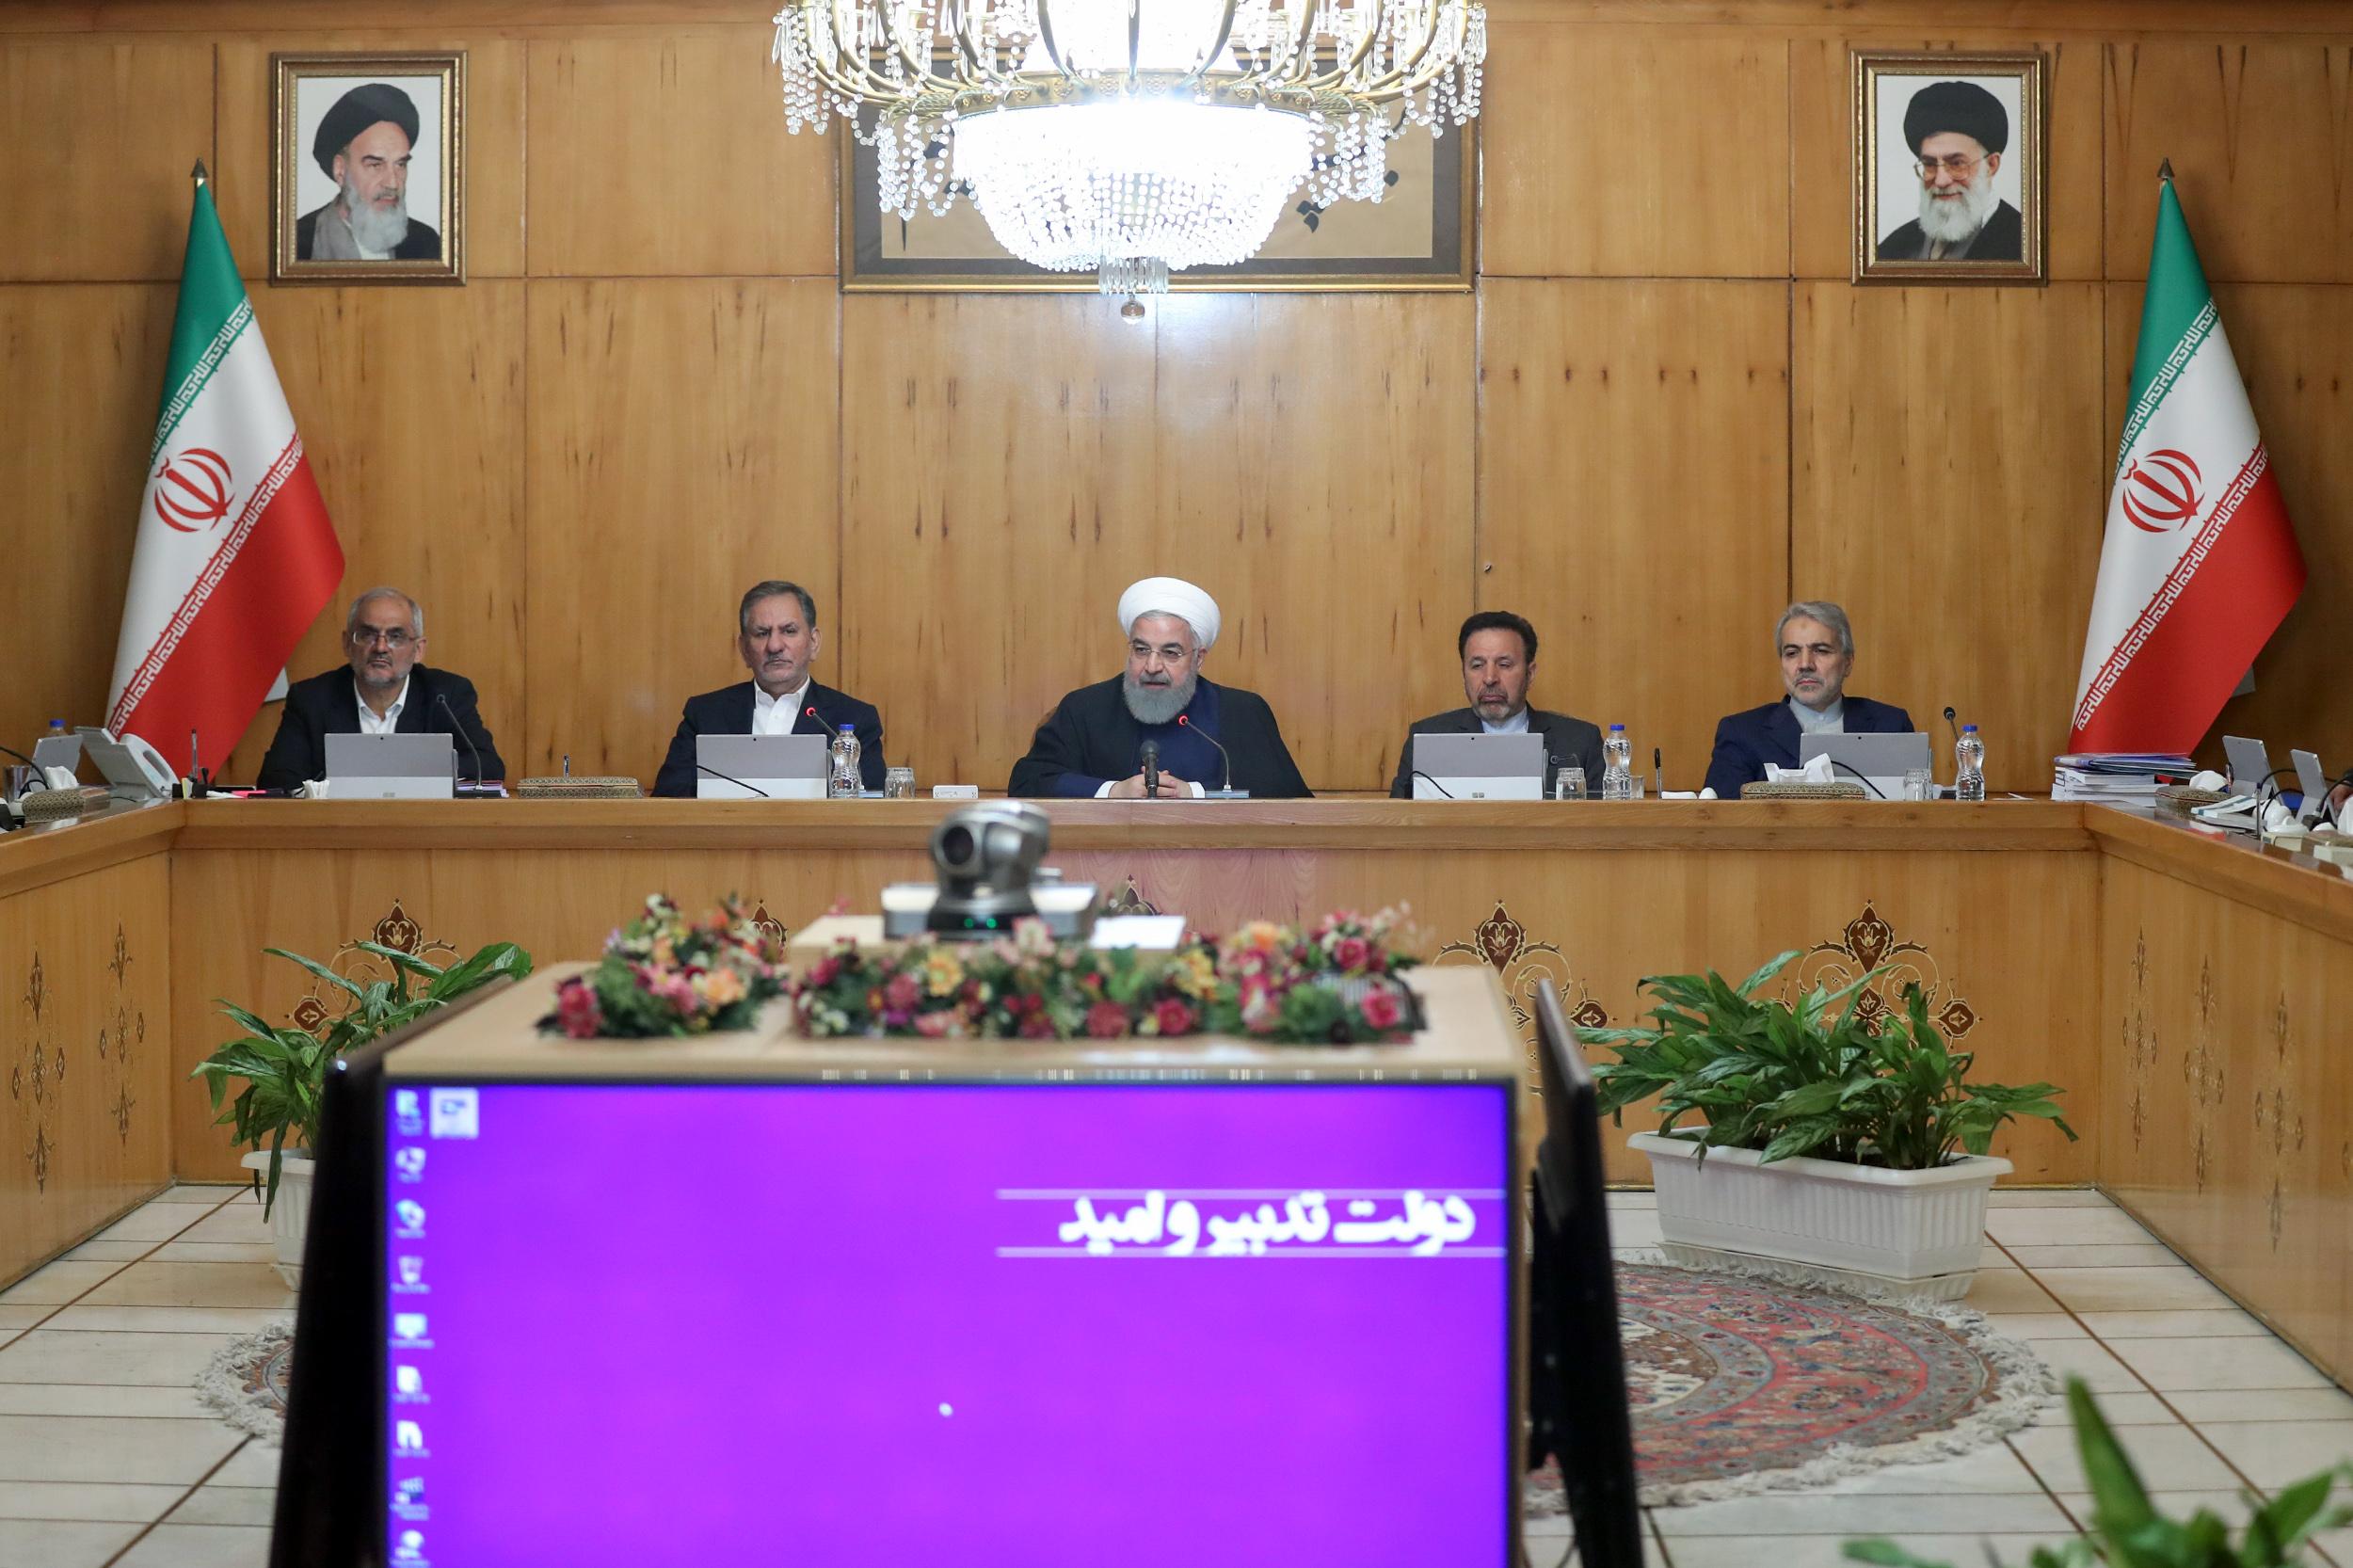 گزارش وزارت نیرو از اجرای موفق برنامه خاموشی صفر/ آییننامه بیمه پایه اجباری تصویب شد